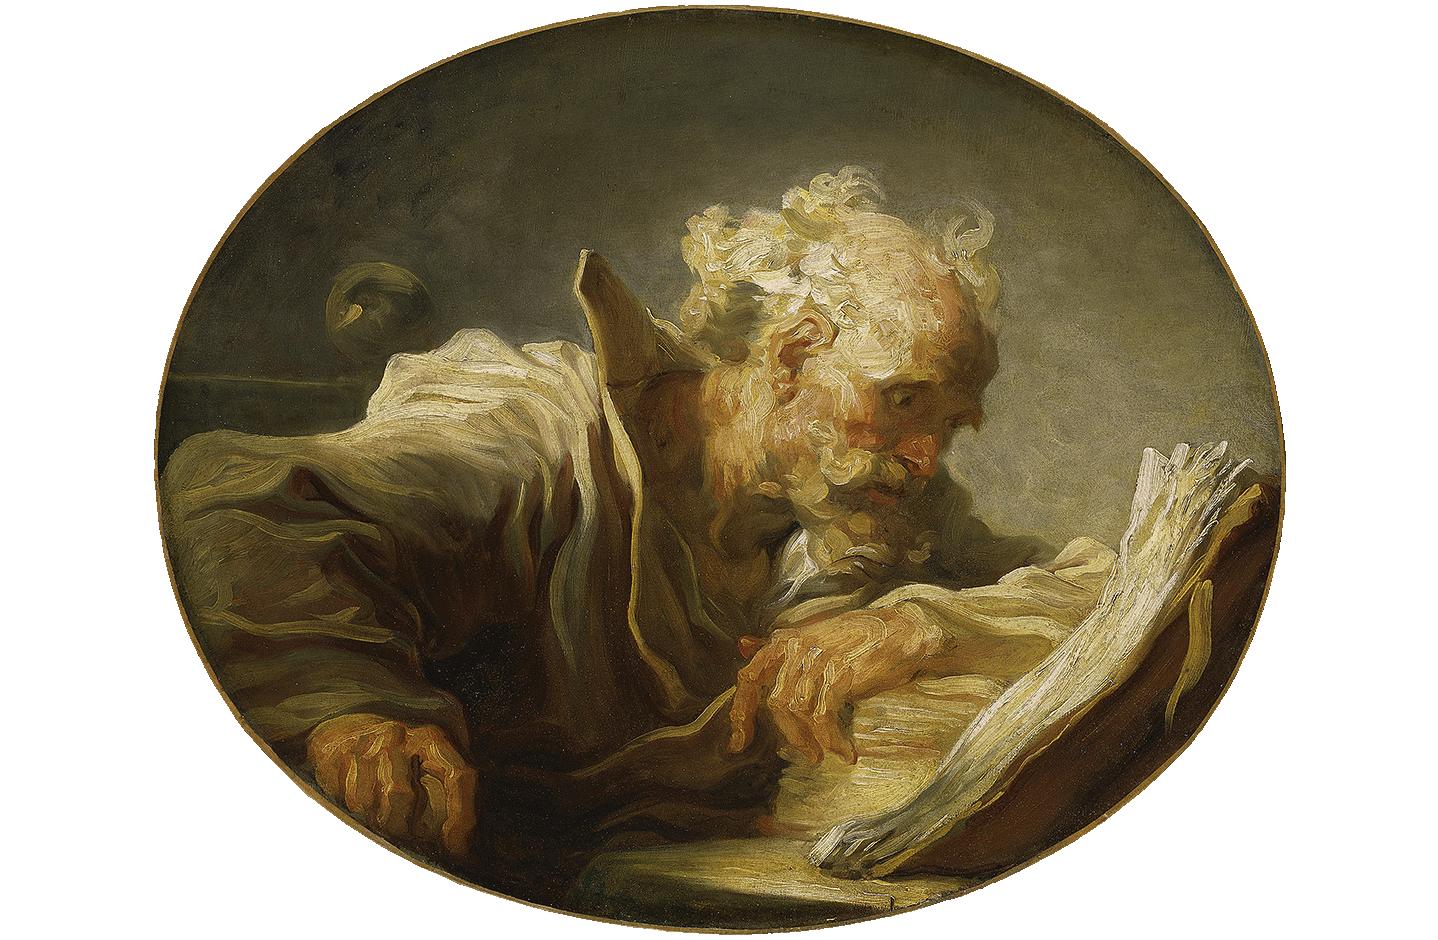 Hamburger Kunsthalle, Über die Sammlung, Alte Meister, Jean-Honoré Fragonard, Der Philosoph zwischen 1764 und 1769